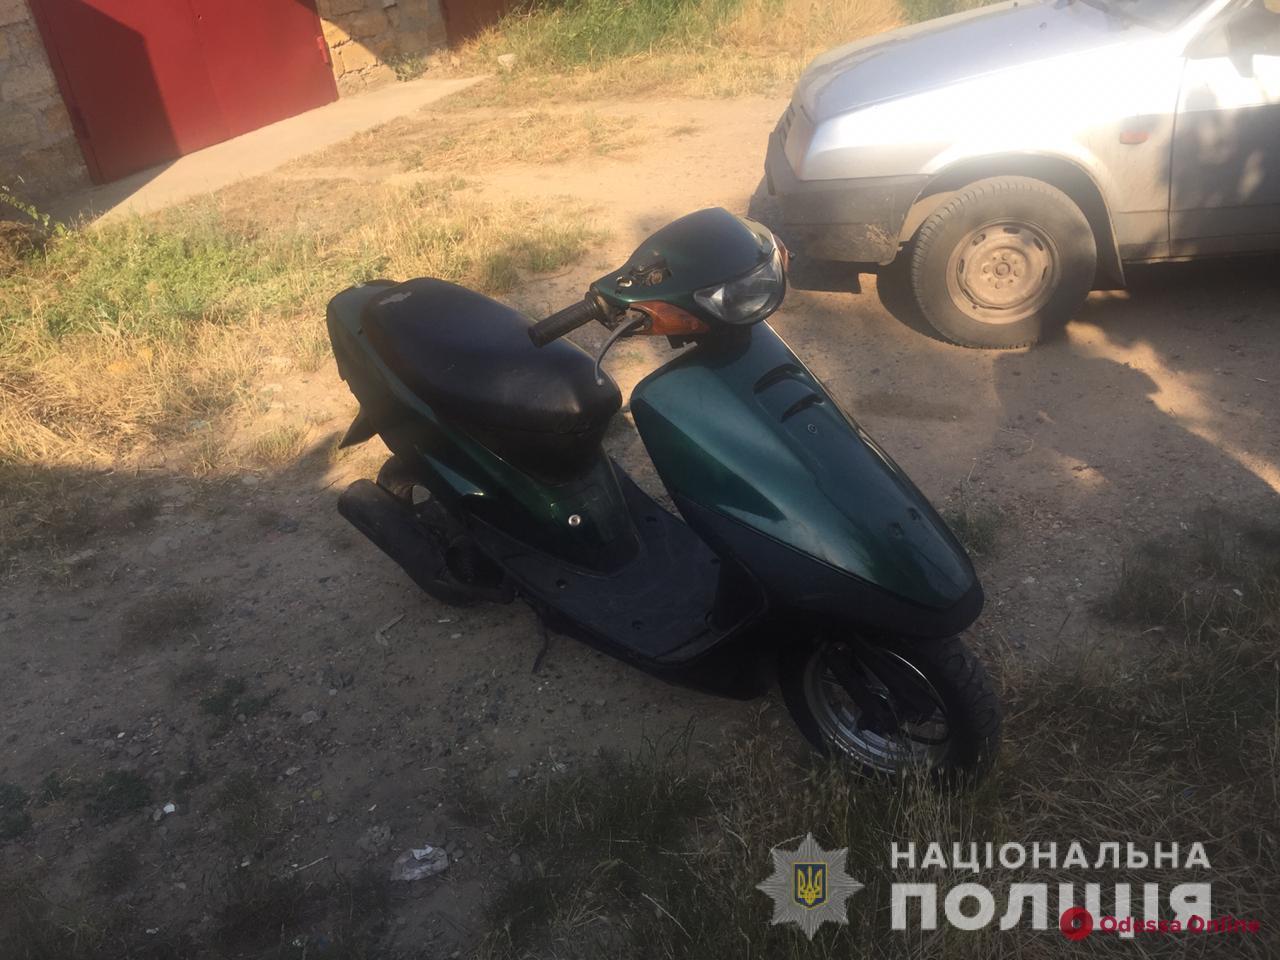 Пошутили: под Одессой двое друзей угнали мопед у своего соседа